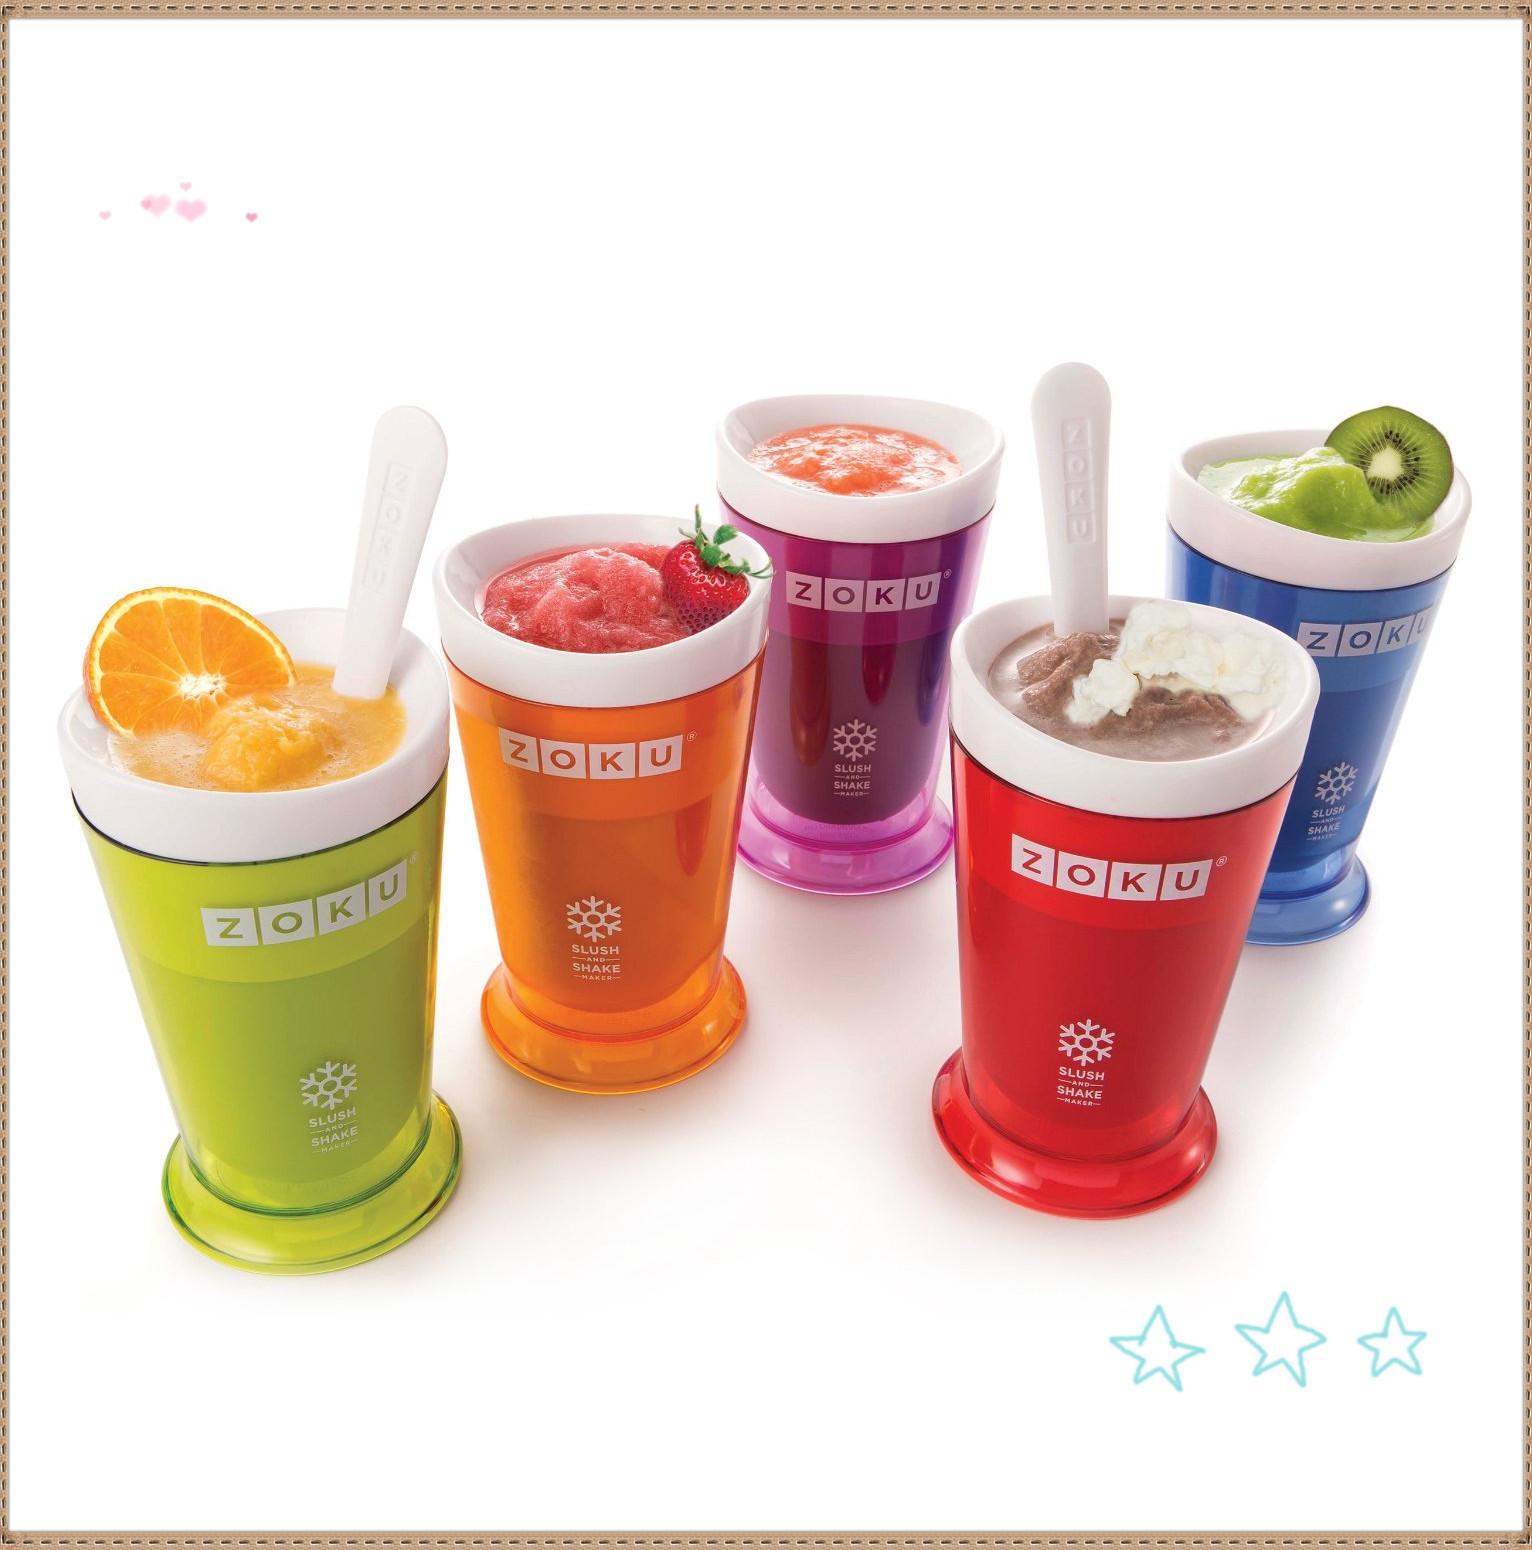 随心所欲的甜蜜滋味 ZOKU奶昔冰沙方便杯